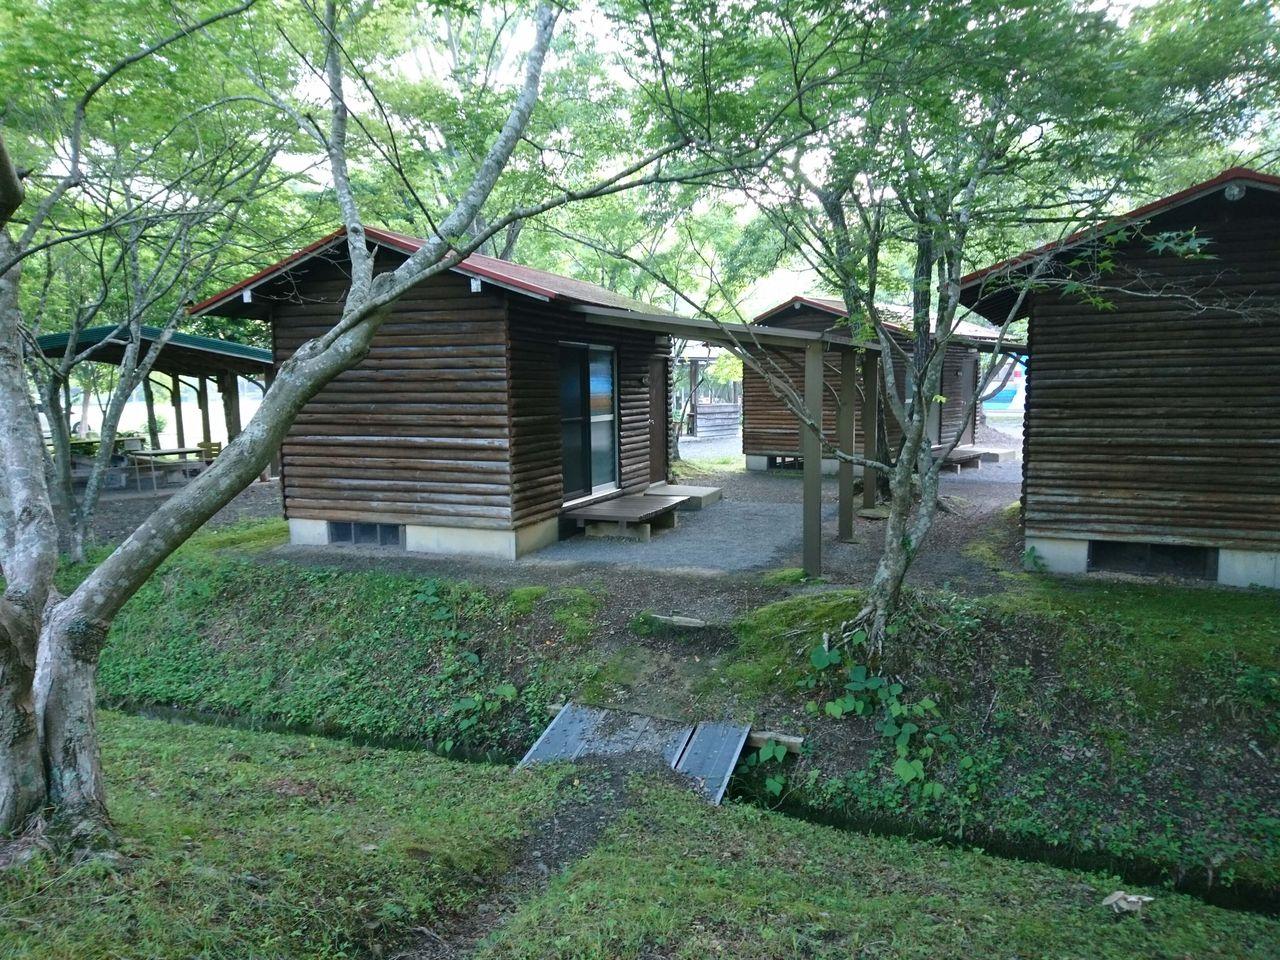 場 の なら キャンプ ここ 里 ぼちぼちキャンプ:ならここの里キャンプ場